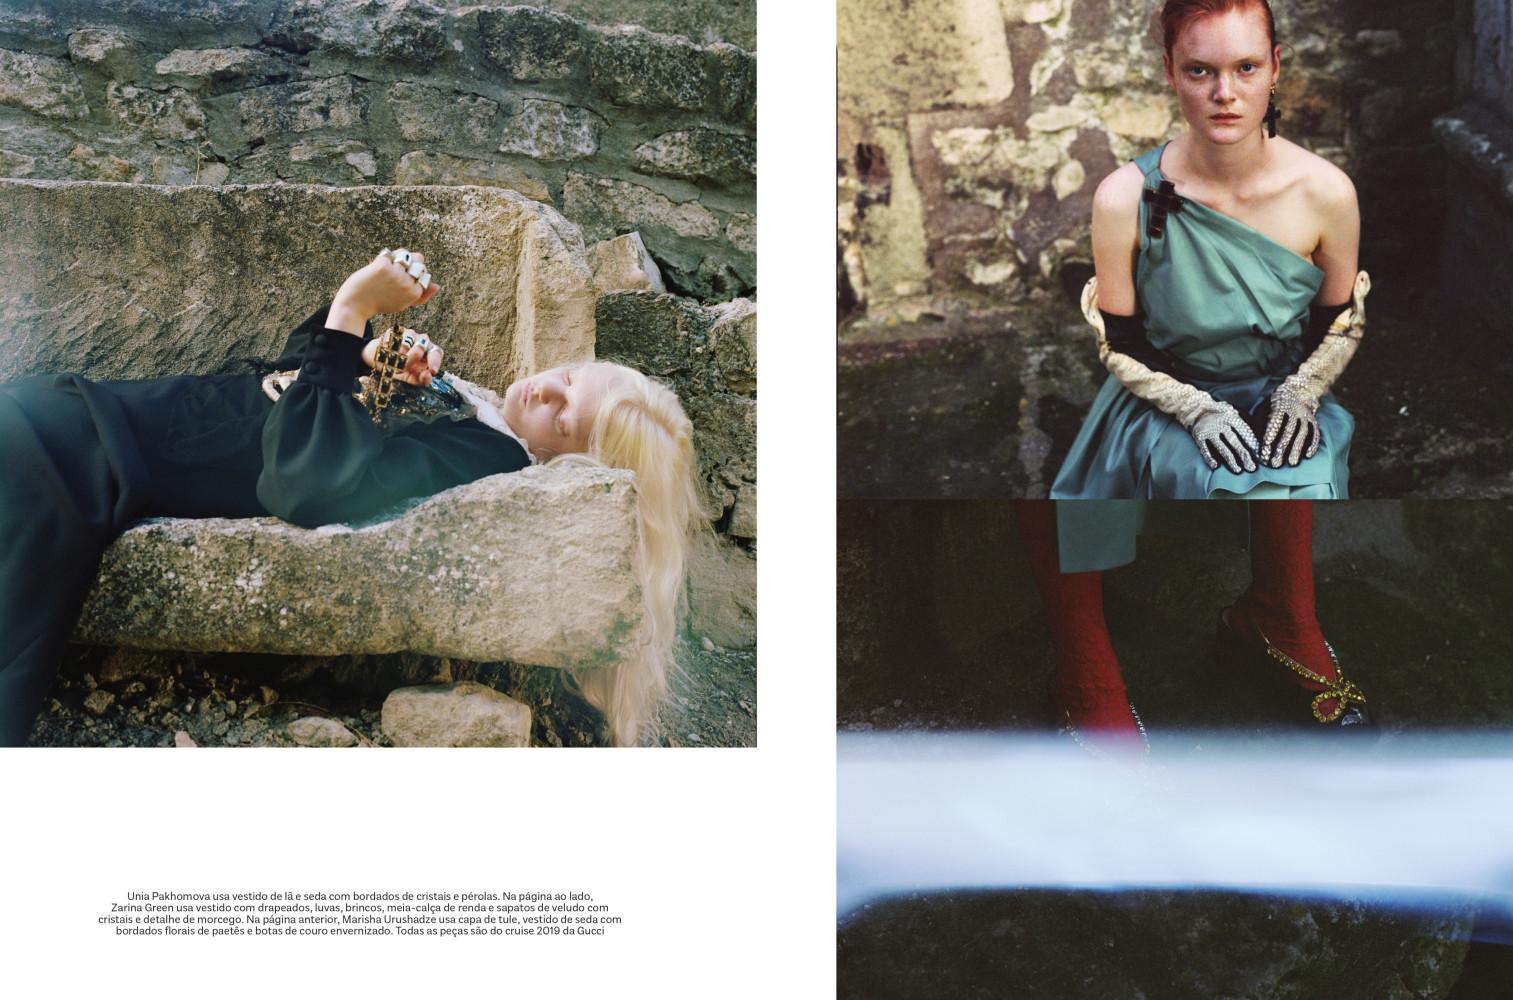 Unia Pakhomova for Vogue brazil